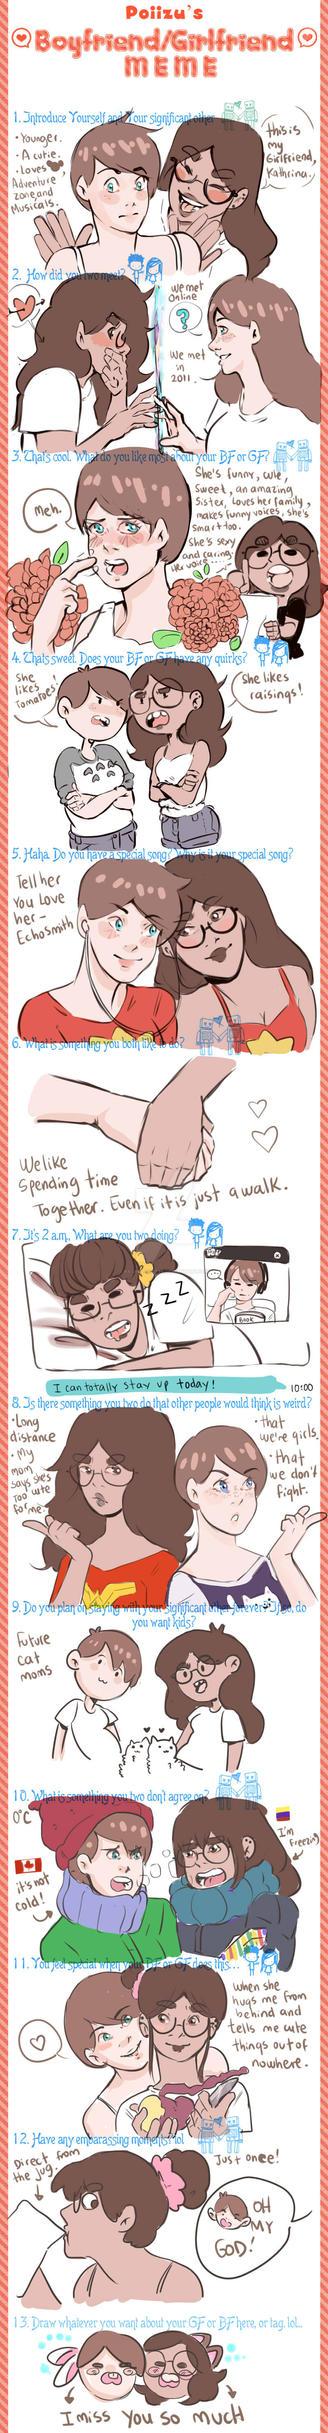 Girlfriend meme by RachelLevitte